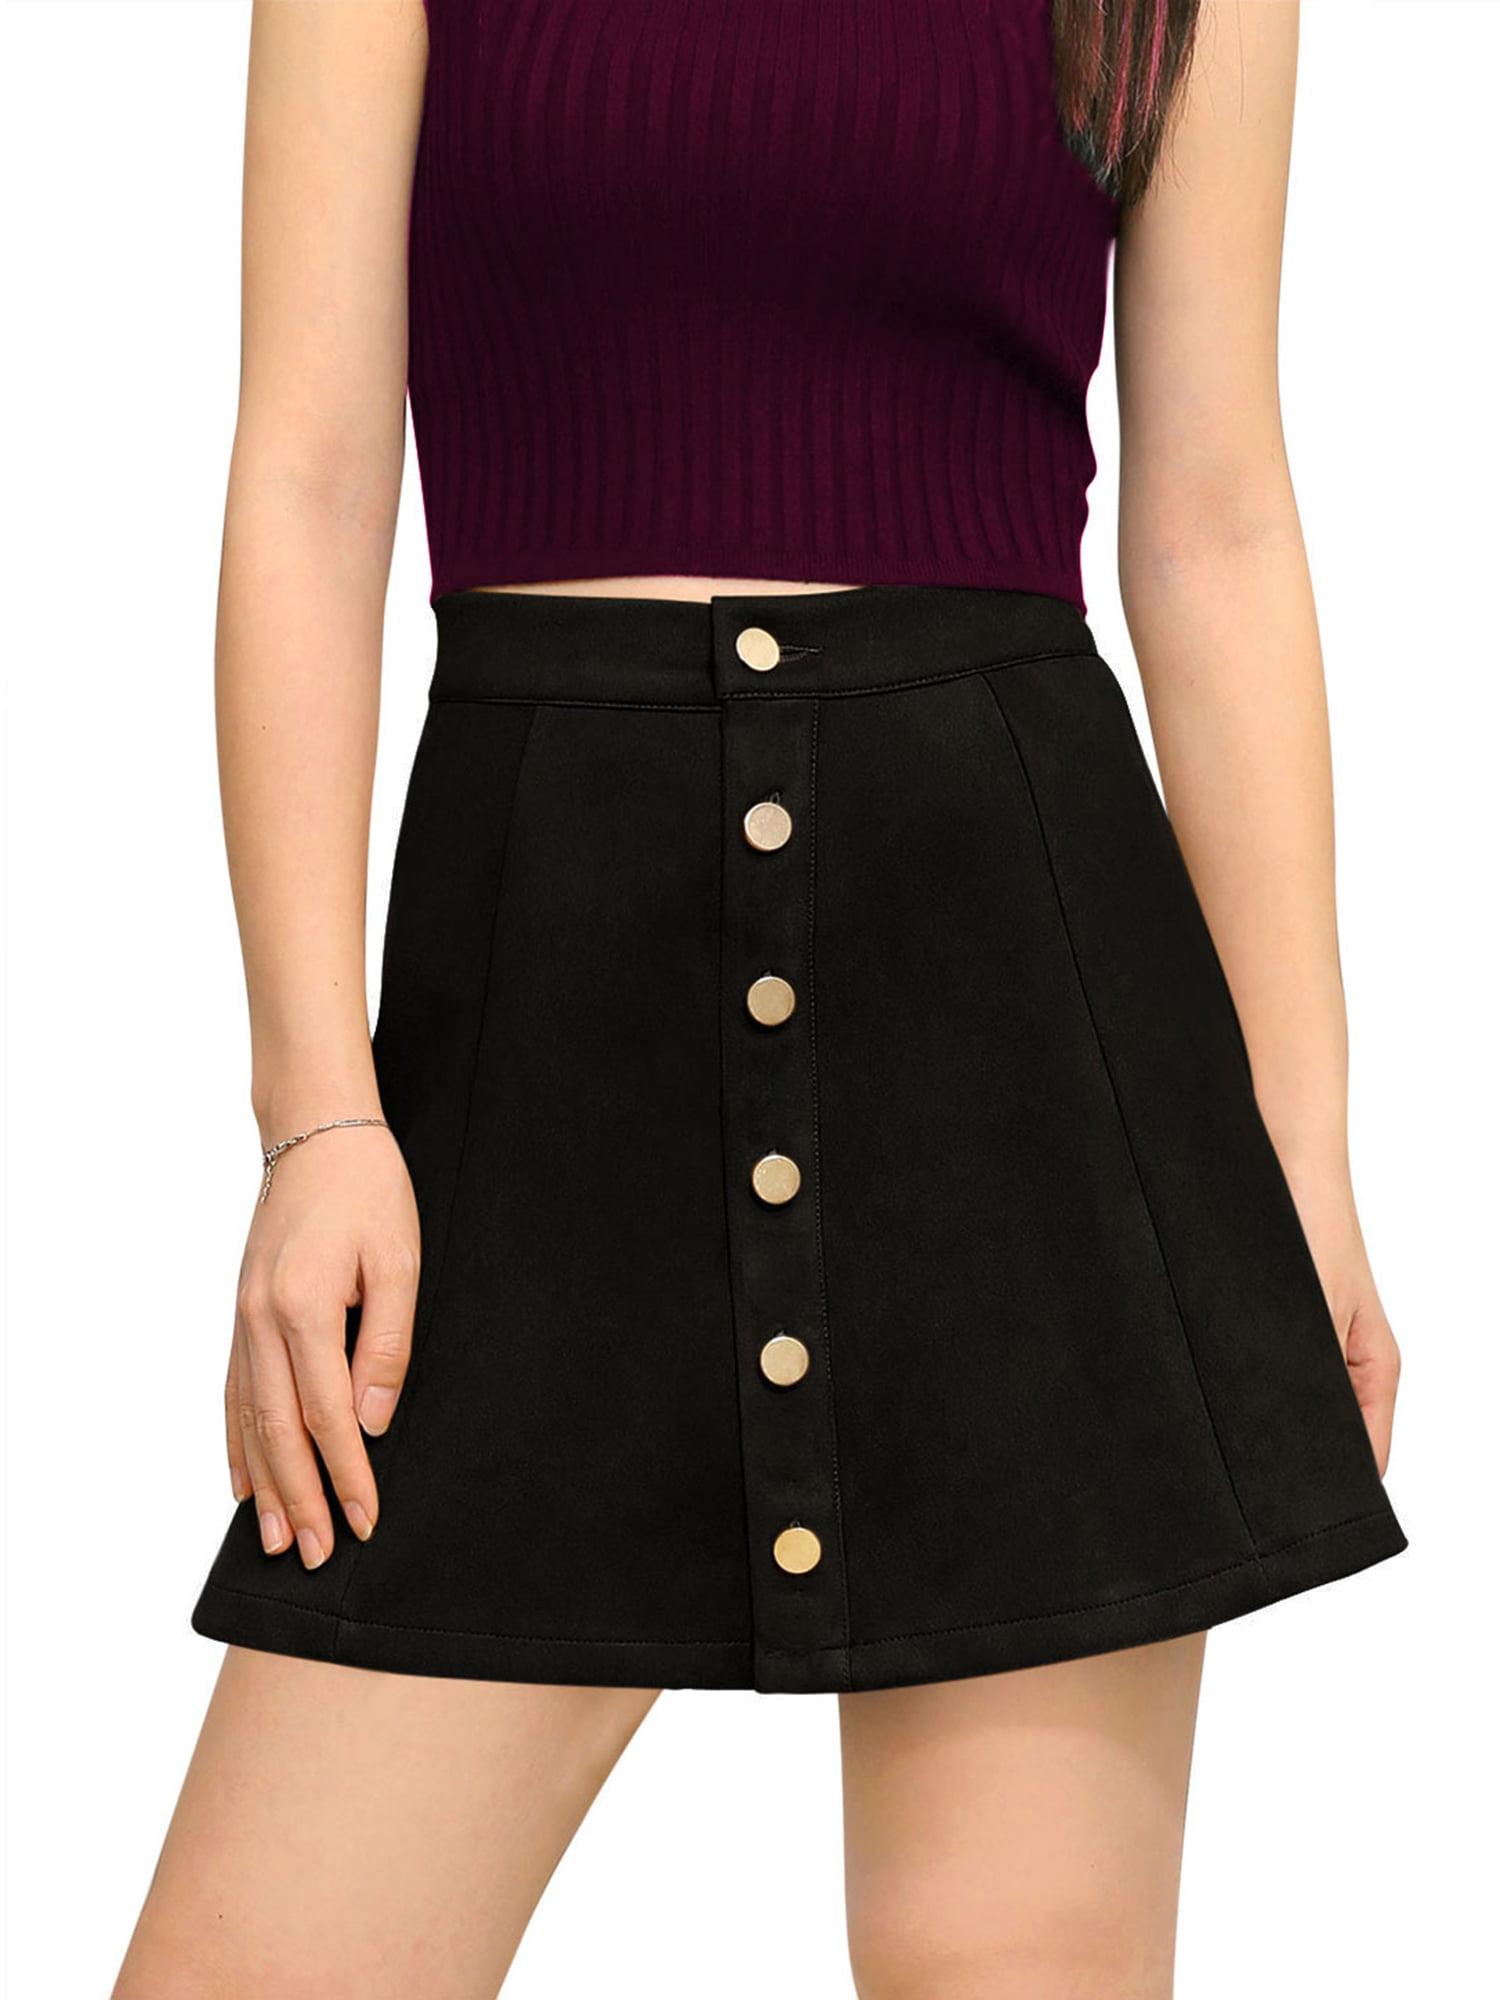 unique bargains women's bonded suede button closure mid rise a-line skirt